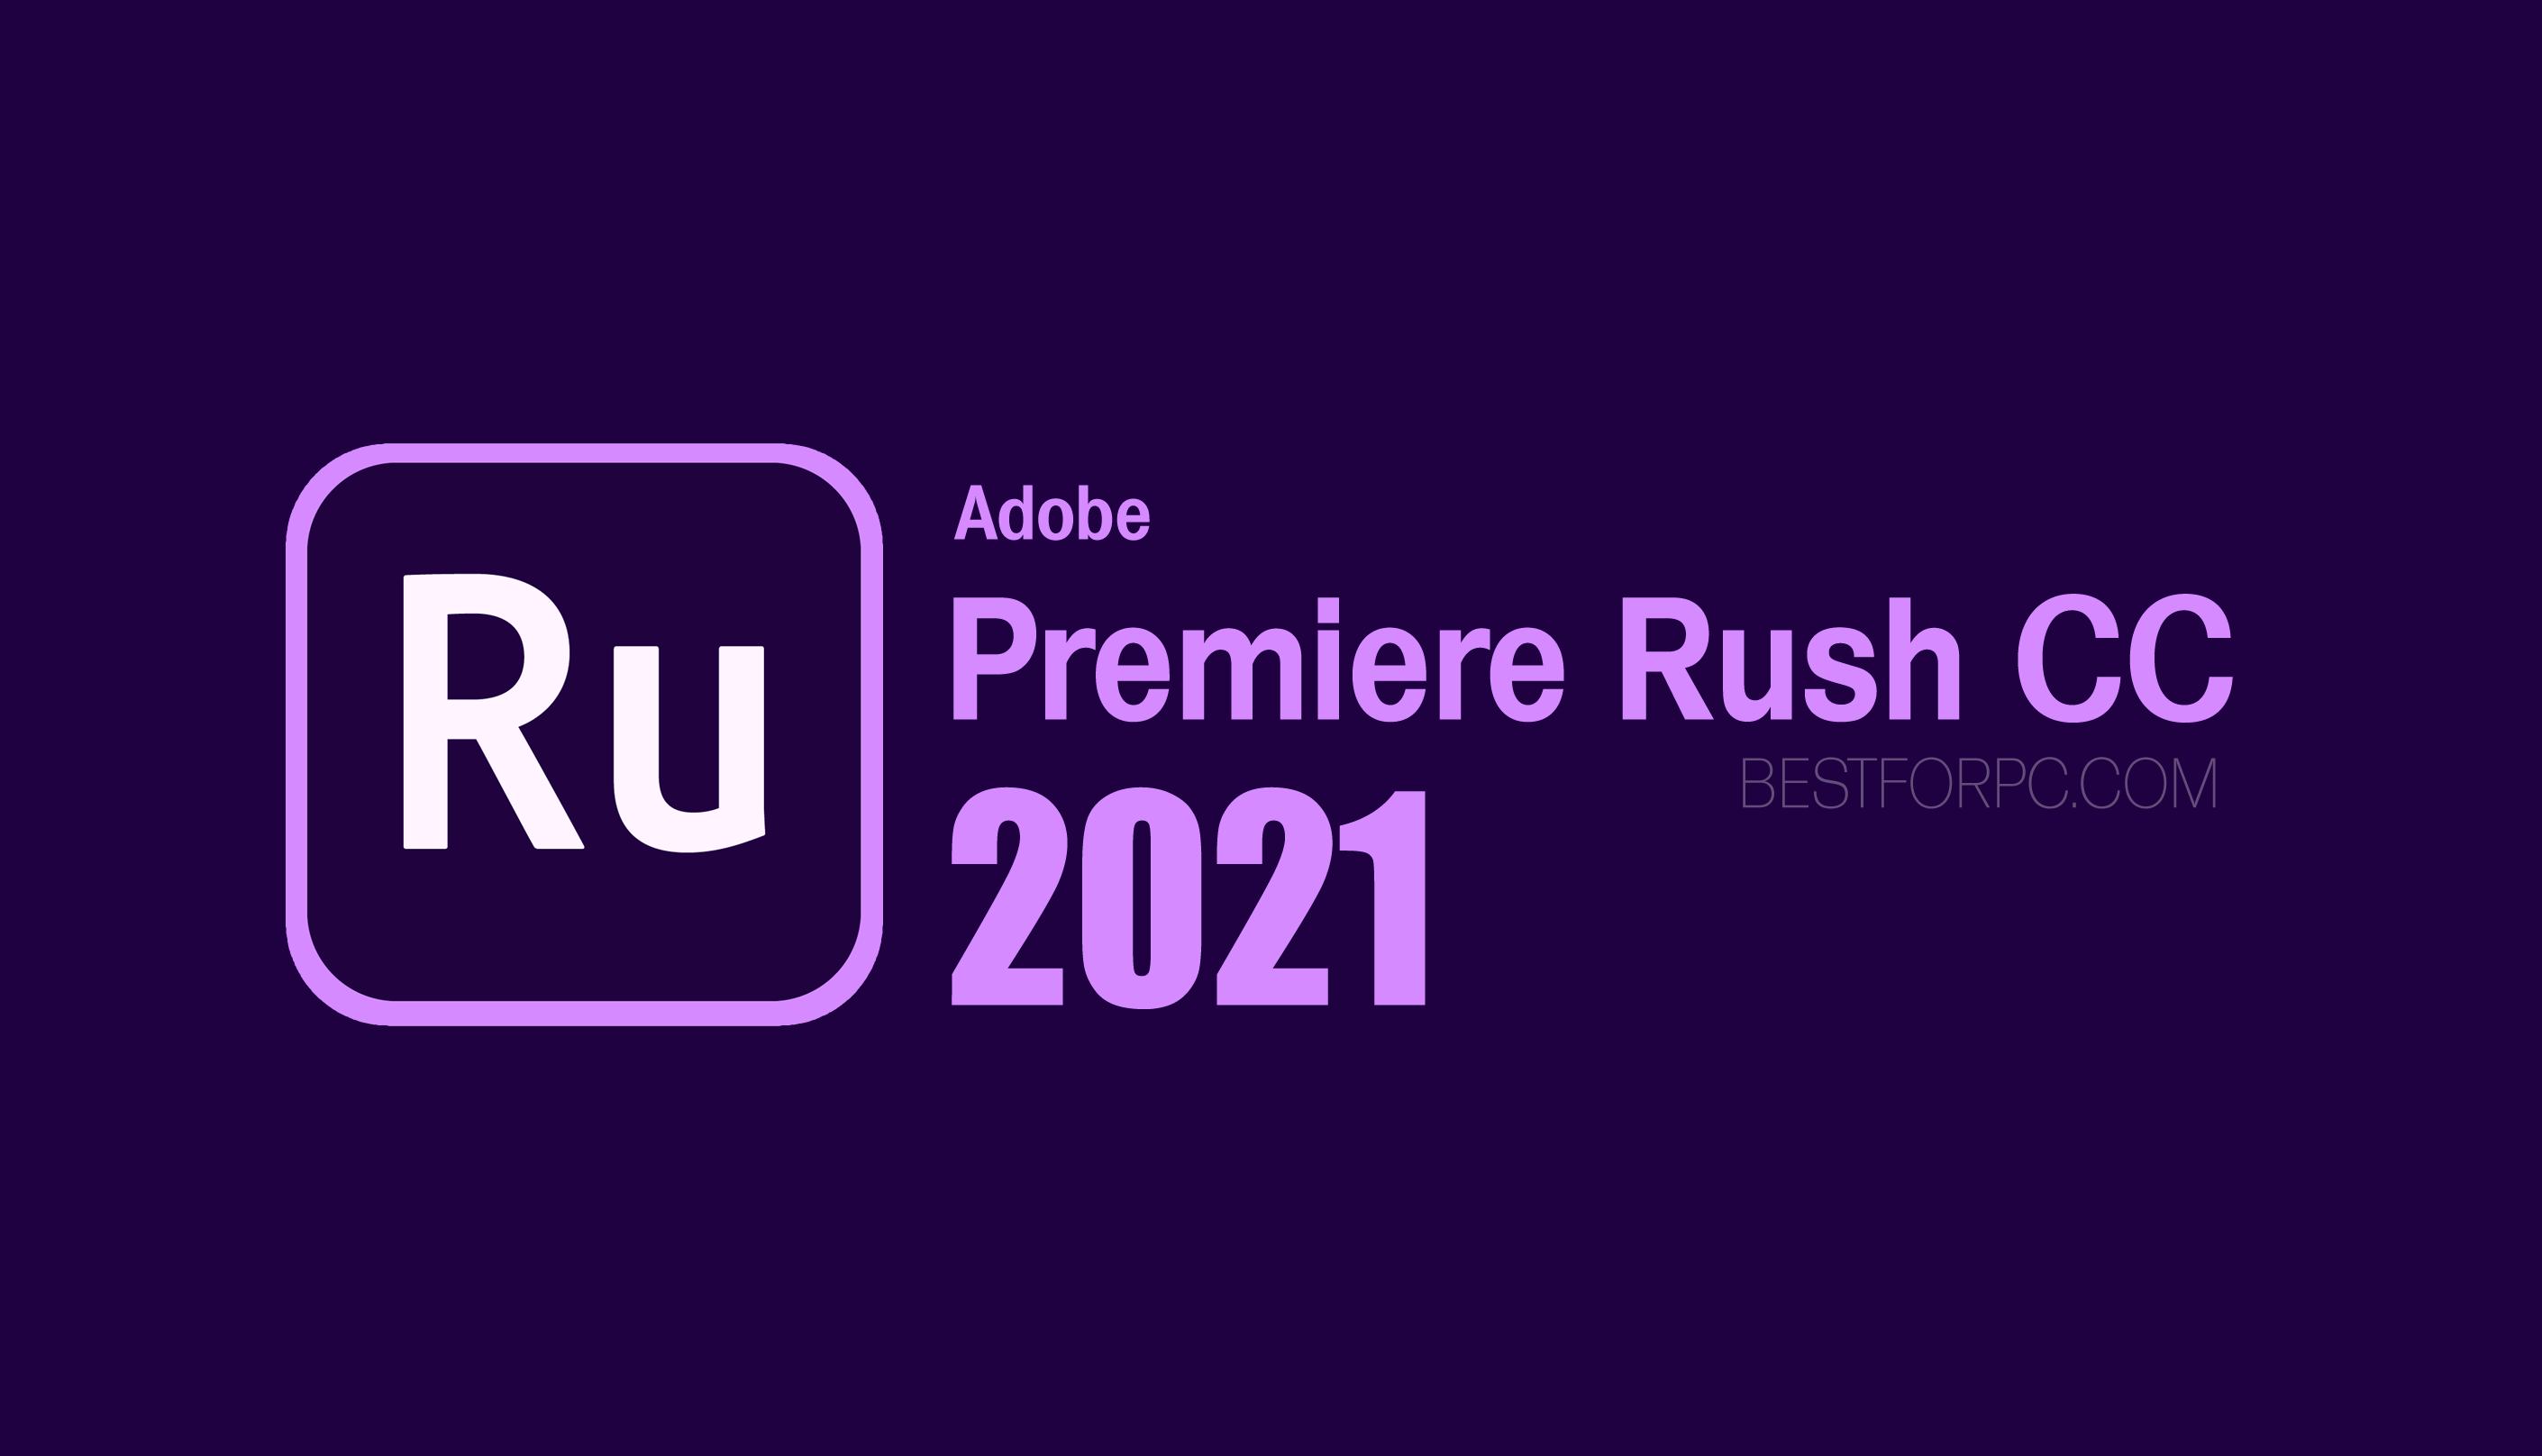 Adobe Premiere Rush Cc 2021 Free Download For Windows 10 8 7